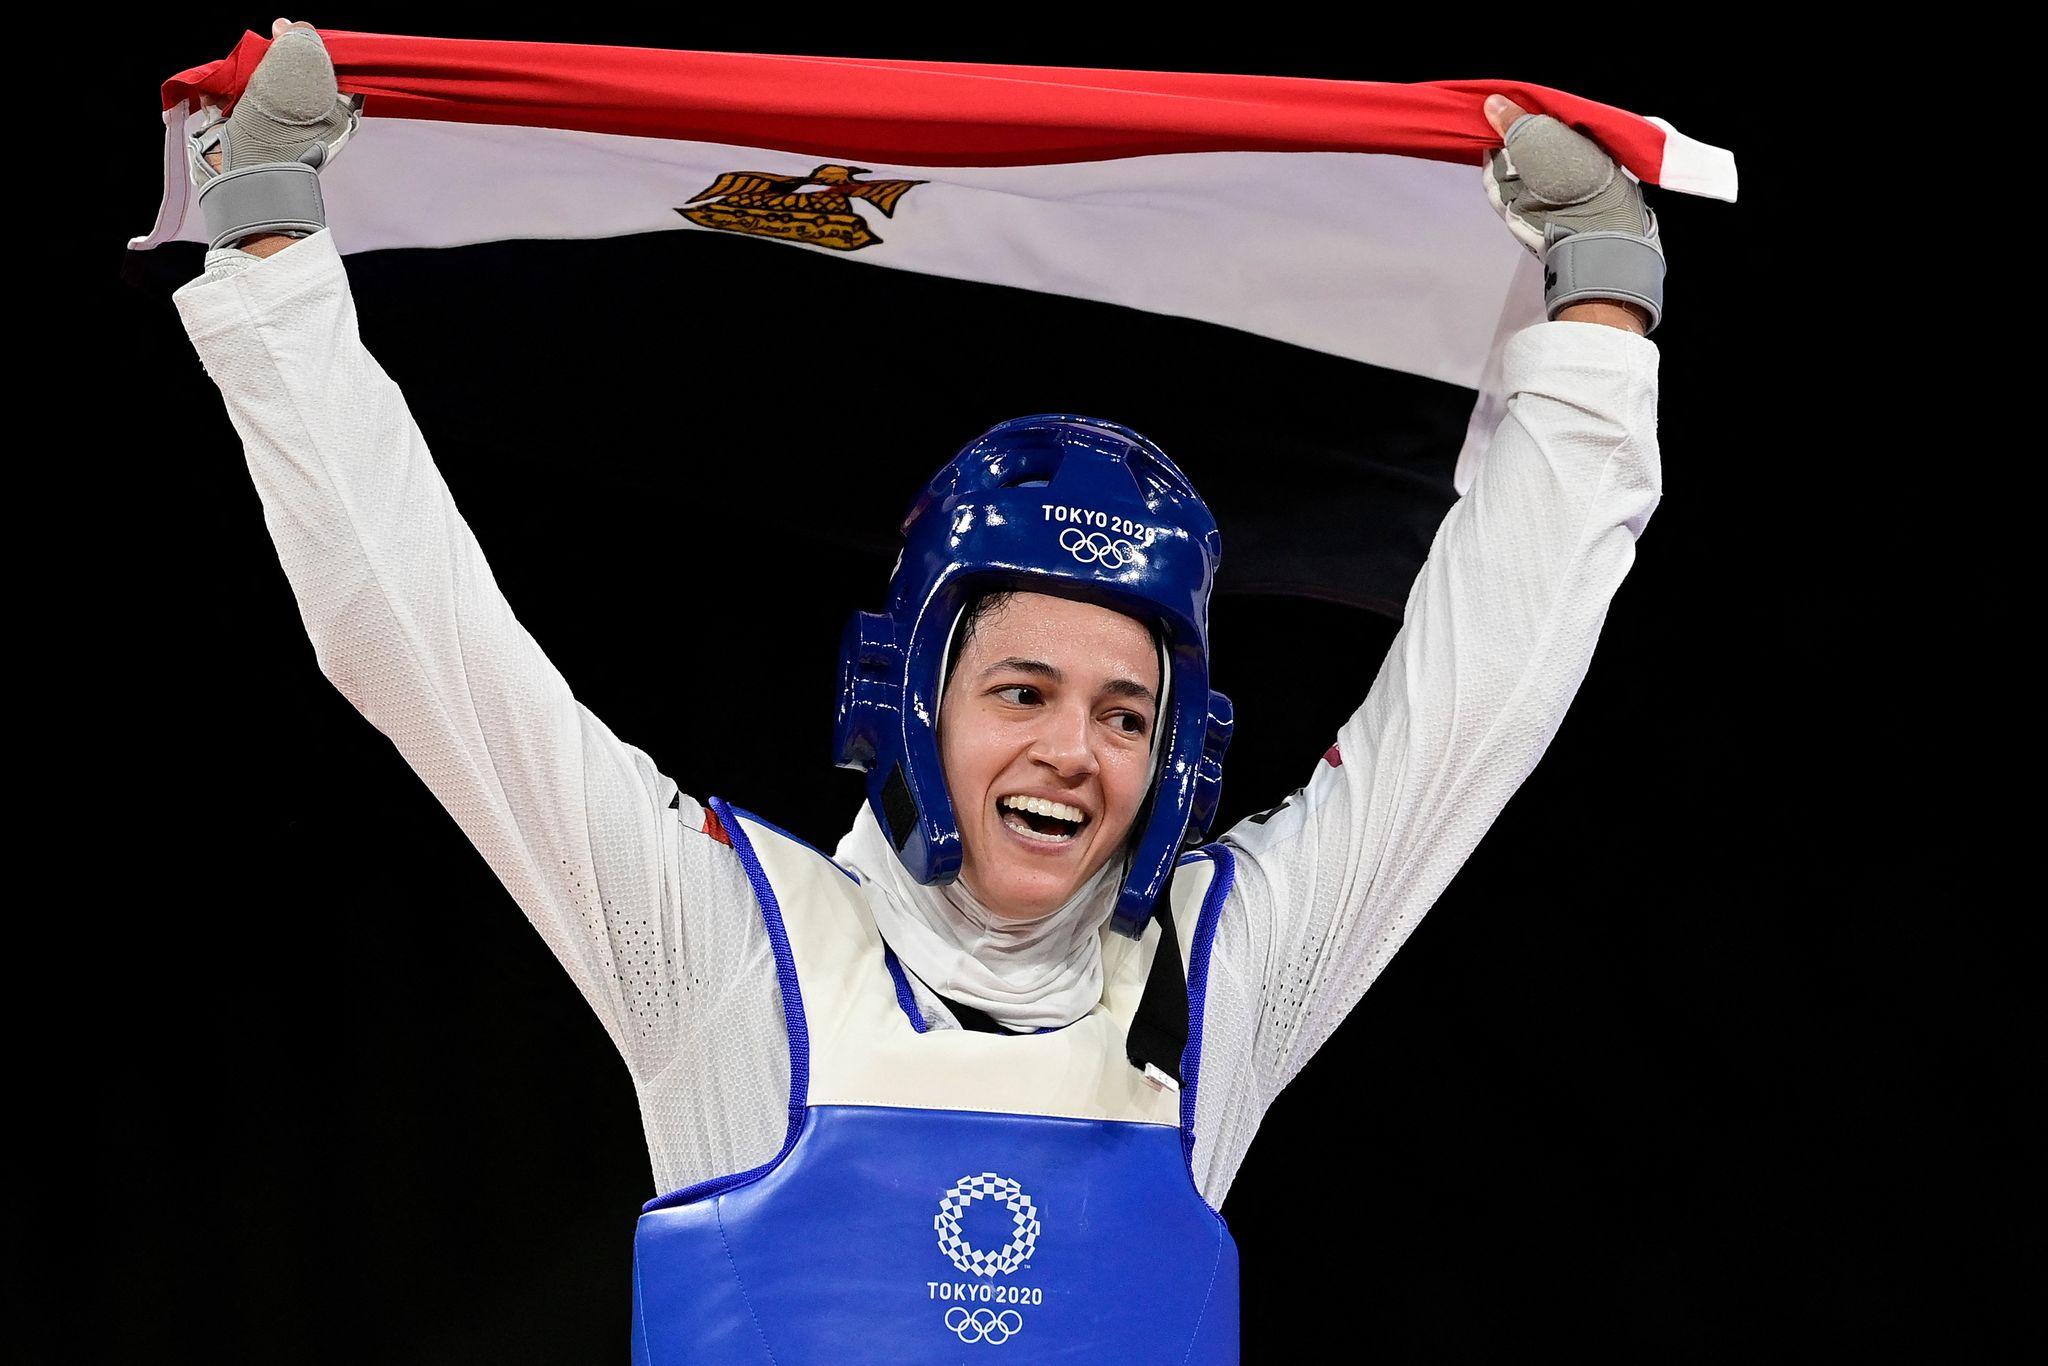 هداية ملااااك تكتب التاريخ ✍️🇪🇬<br /><br />الميدالية البرونزية هي الثانية في تاريخ هداية بعد أولمبياد ريو دي جانيرو 2016 🥉<br /><br />أصبحت صاحبة الـ28 عامًا، ثاني سيدة مصرية تحقق ميداليتين أولمبيتين، بعد الرباعة عبير عبد الرحمن التي حققت ميداليتين (برونزية في دورة بكين 2008 وفضية في لندن 2012) 🏋️♀️